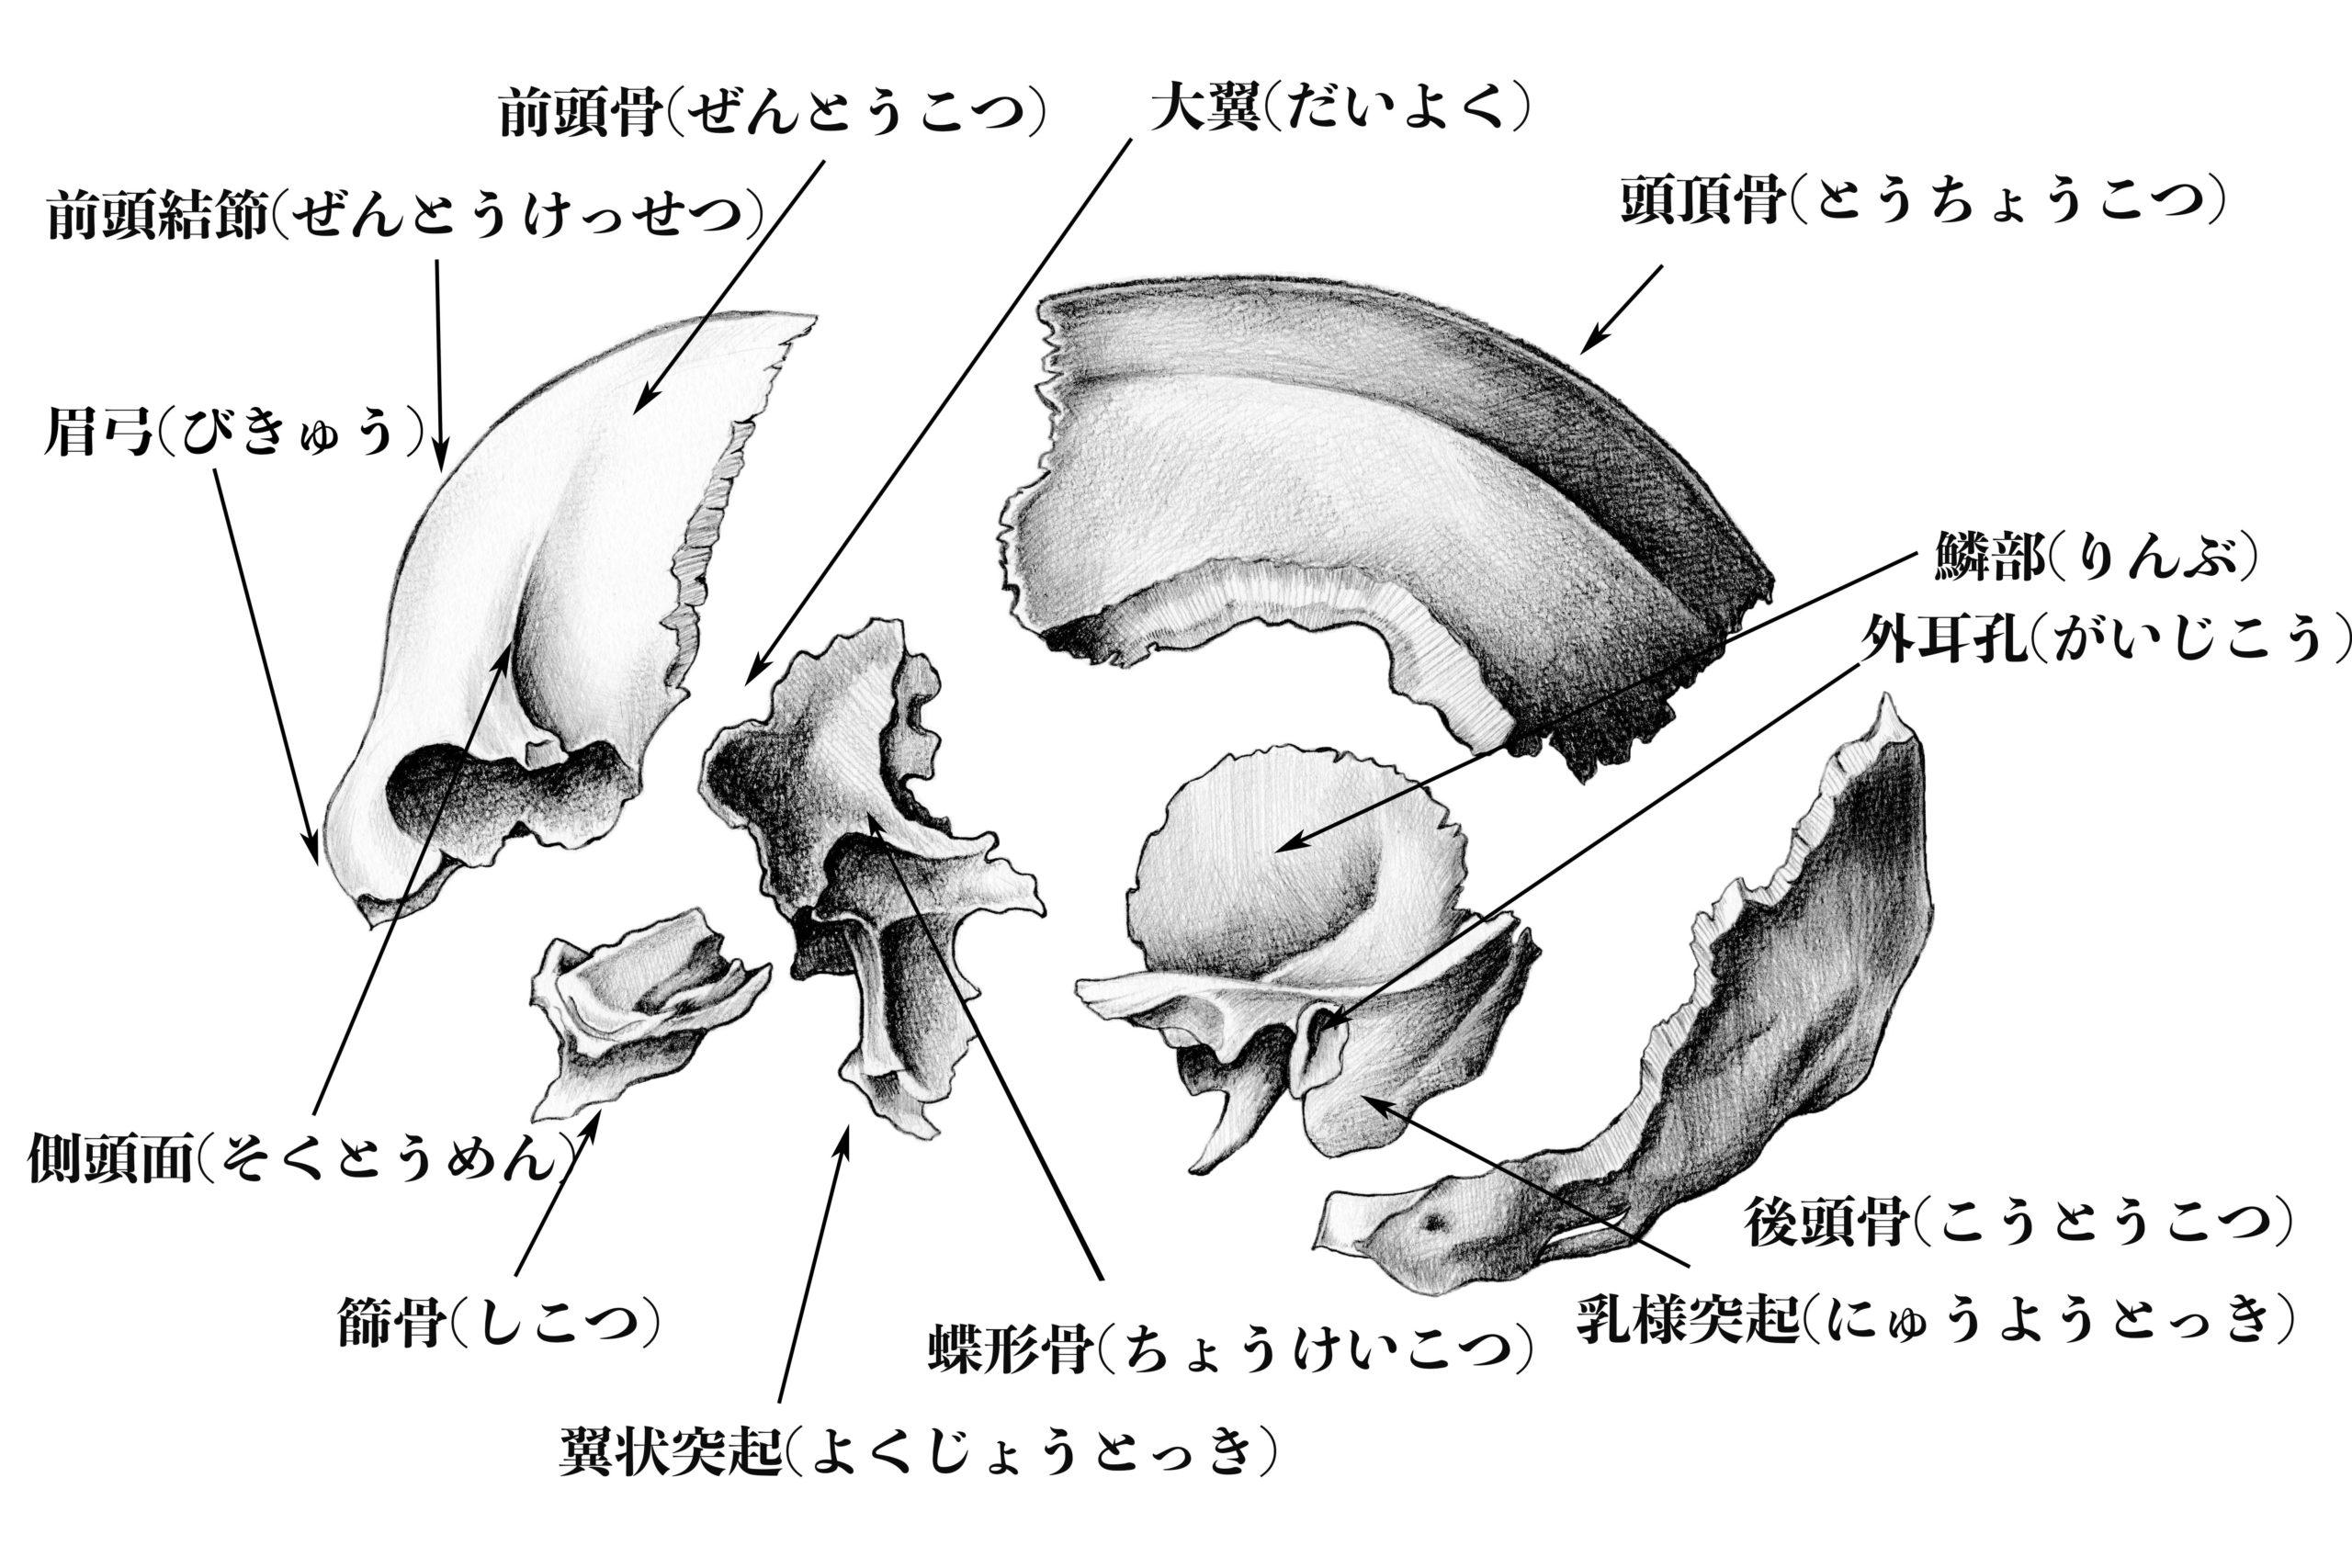 脳頭蓋を前後から見た図のスケッチ